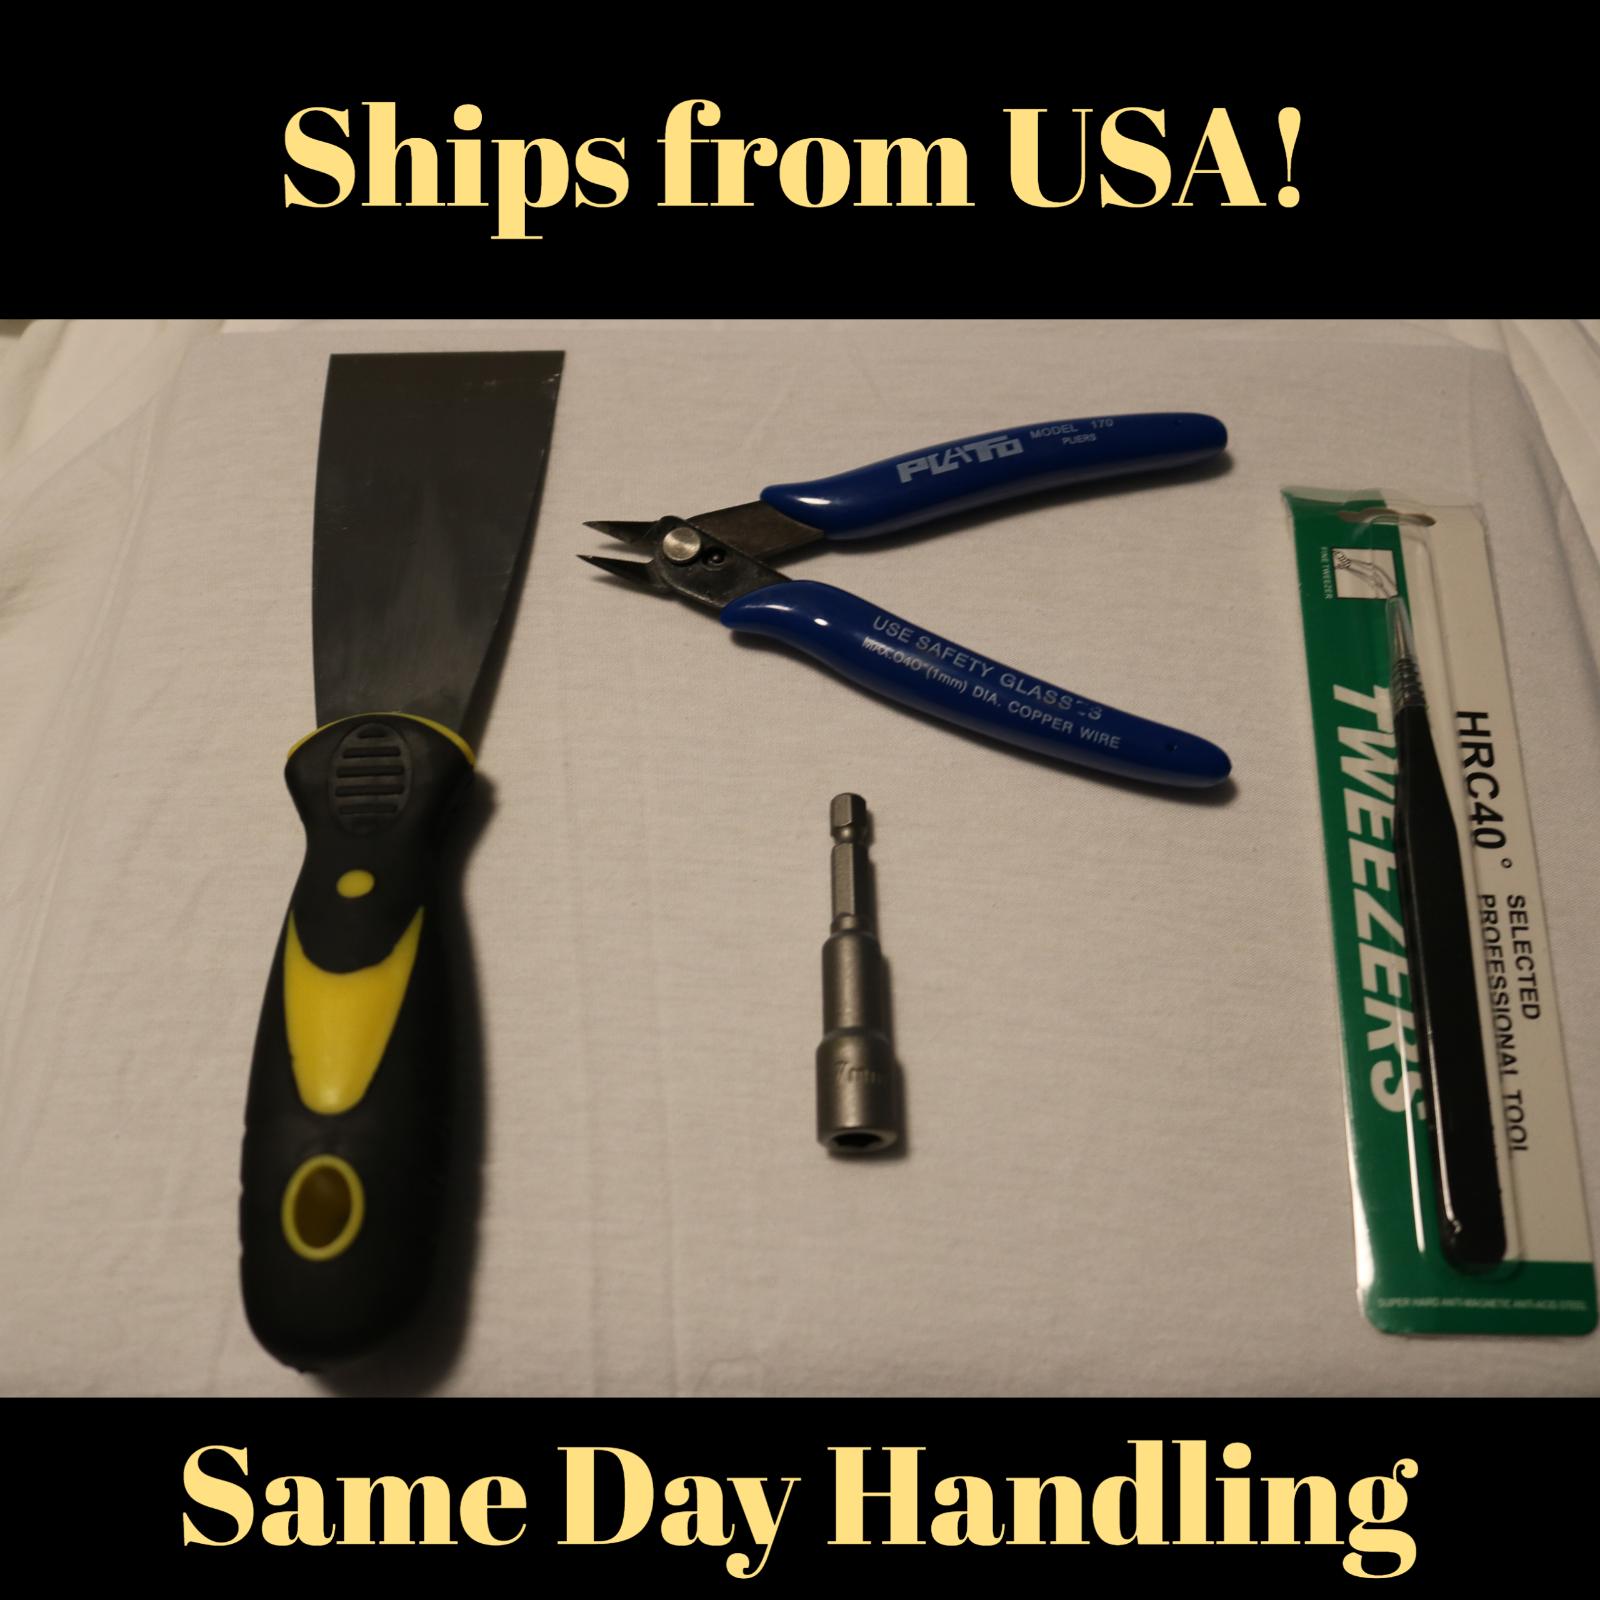 3D Printer High Quality Tools. Scraper/Tweezers/Filament Cutter/7mm Socket